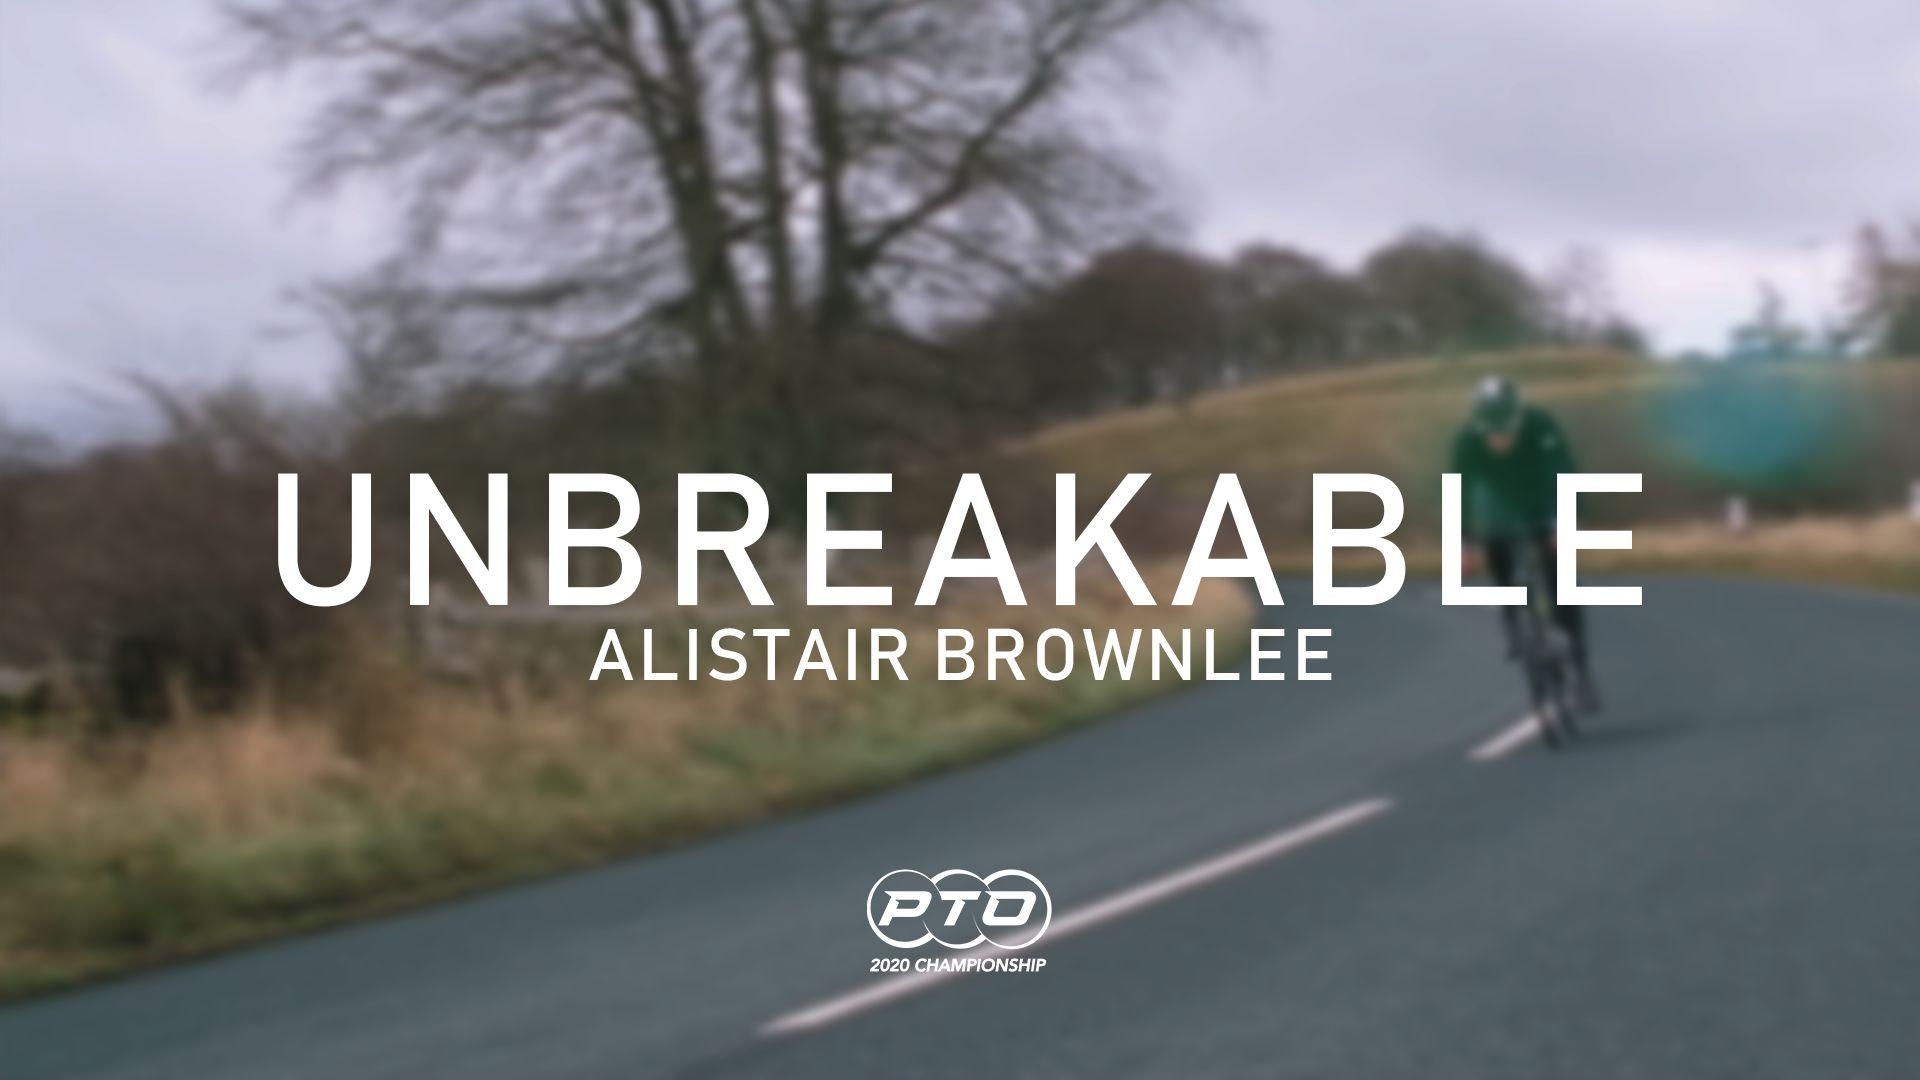 Unbreakable || Alistair Brownlee